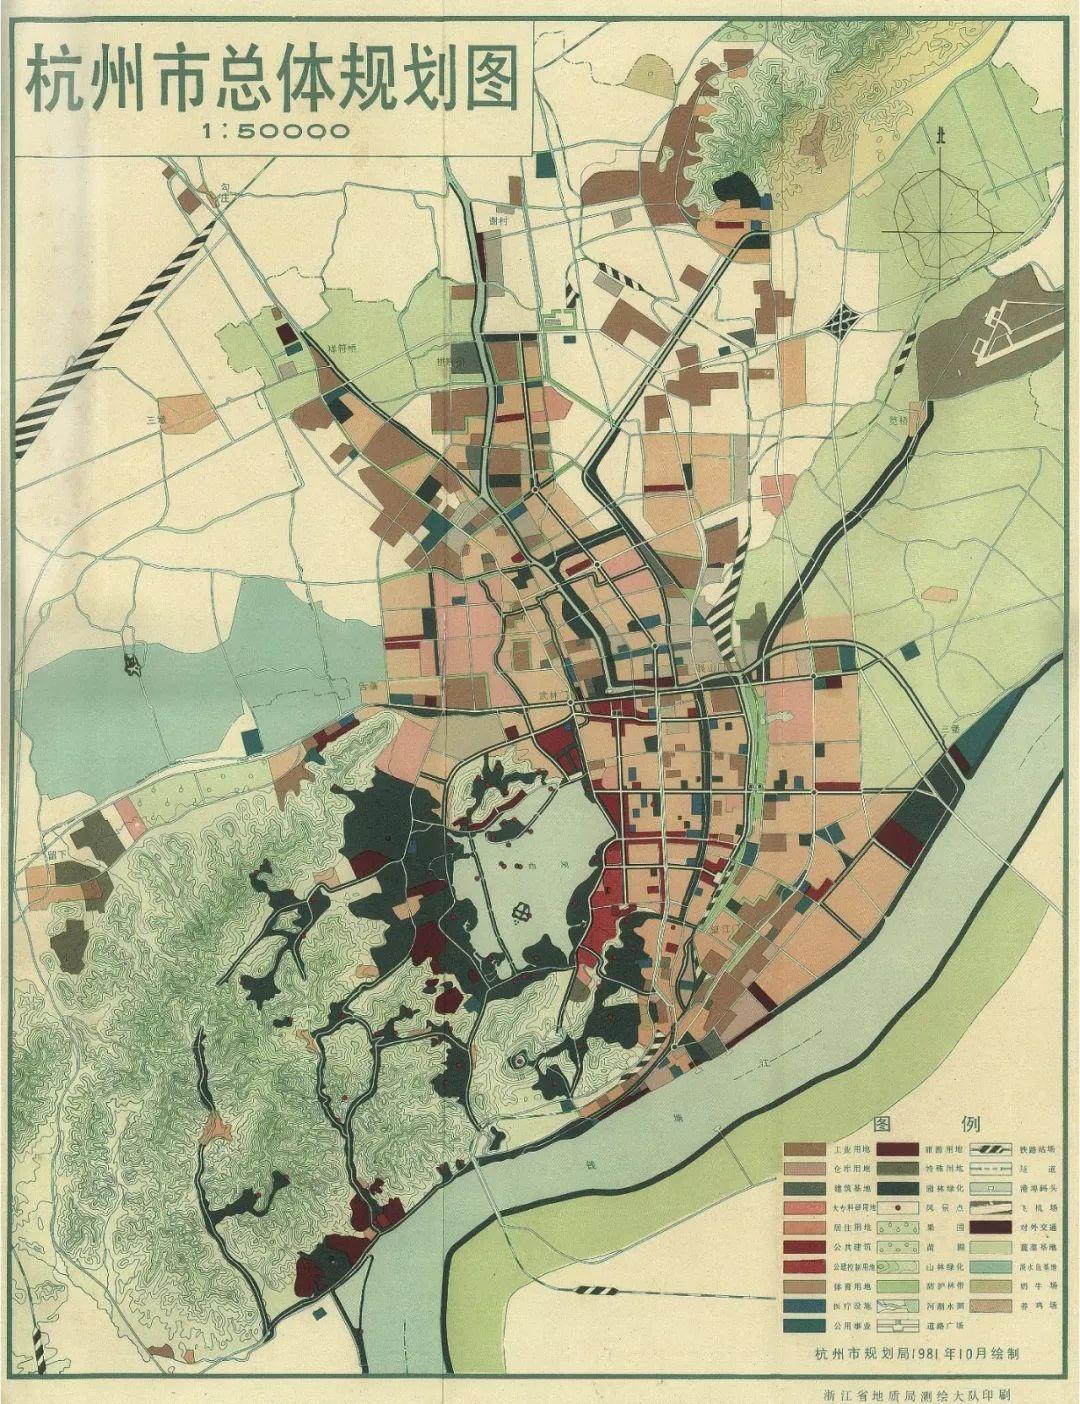 杭州市总体规划图